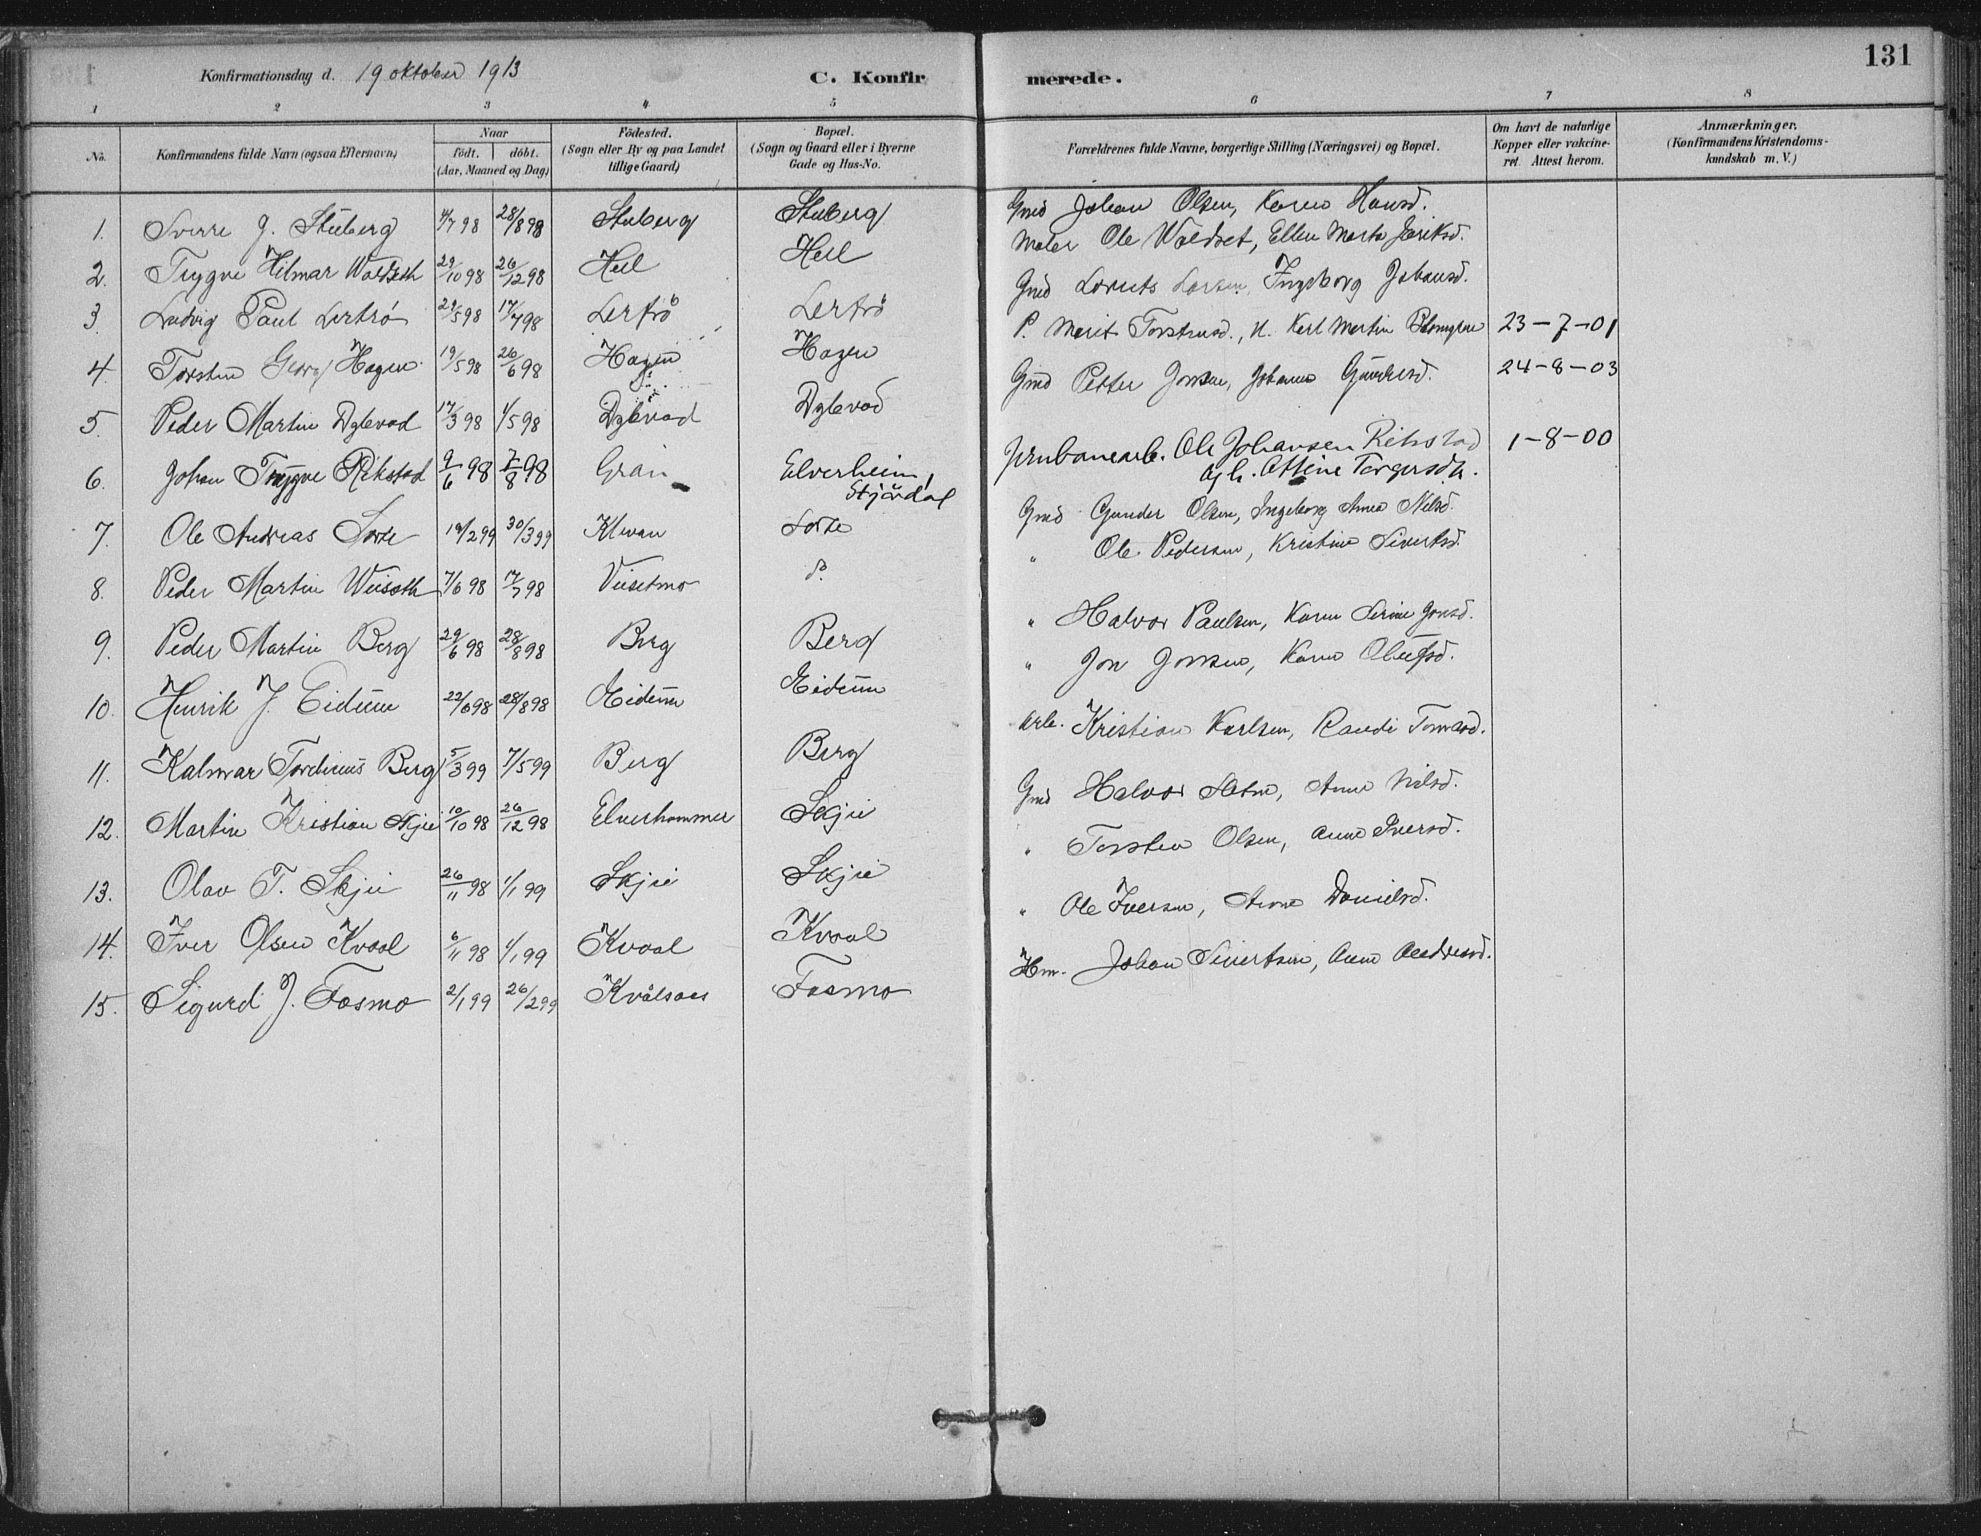 SAT, Ministerialprotokoller, klokkerbøker og fødselsregistre - Nord-Trøndelag, 710/L0095: Ministerialbok nr. 710A01, 1880-1914, s. 131